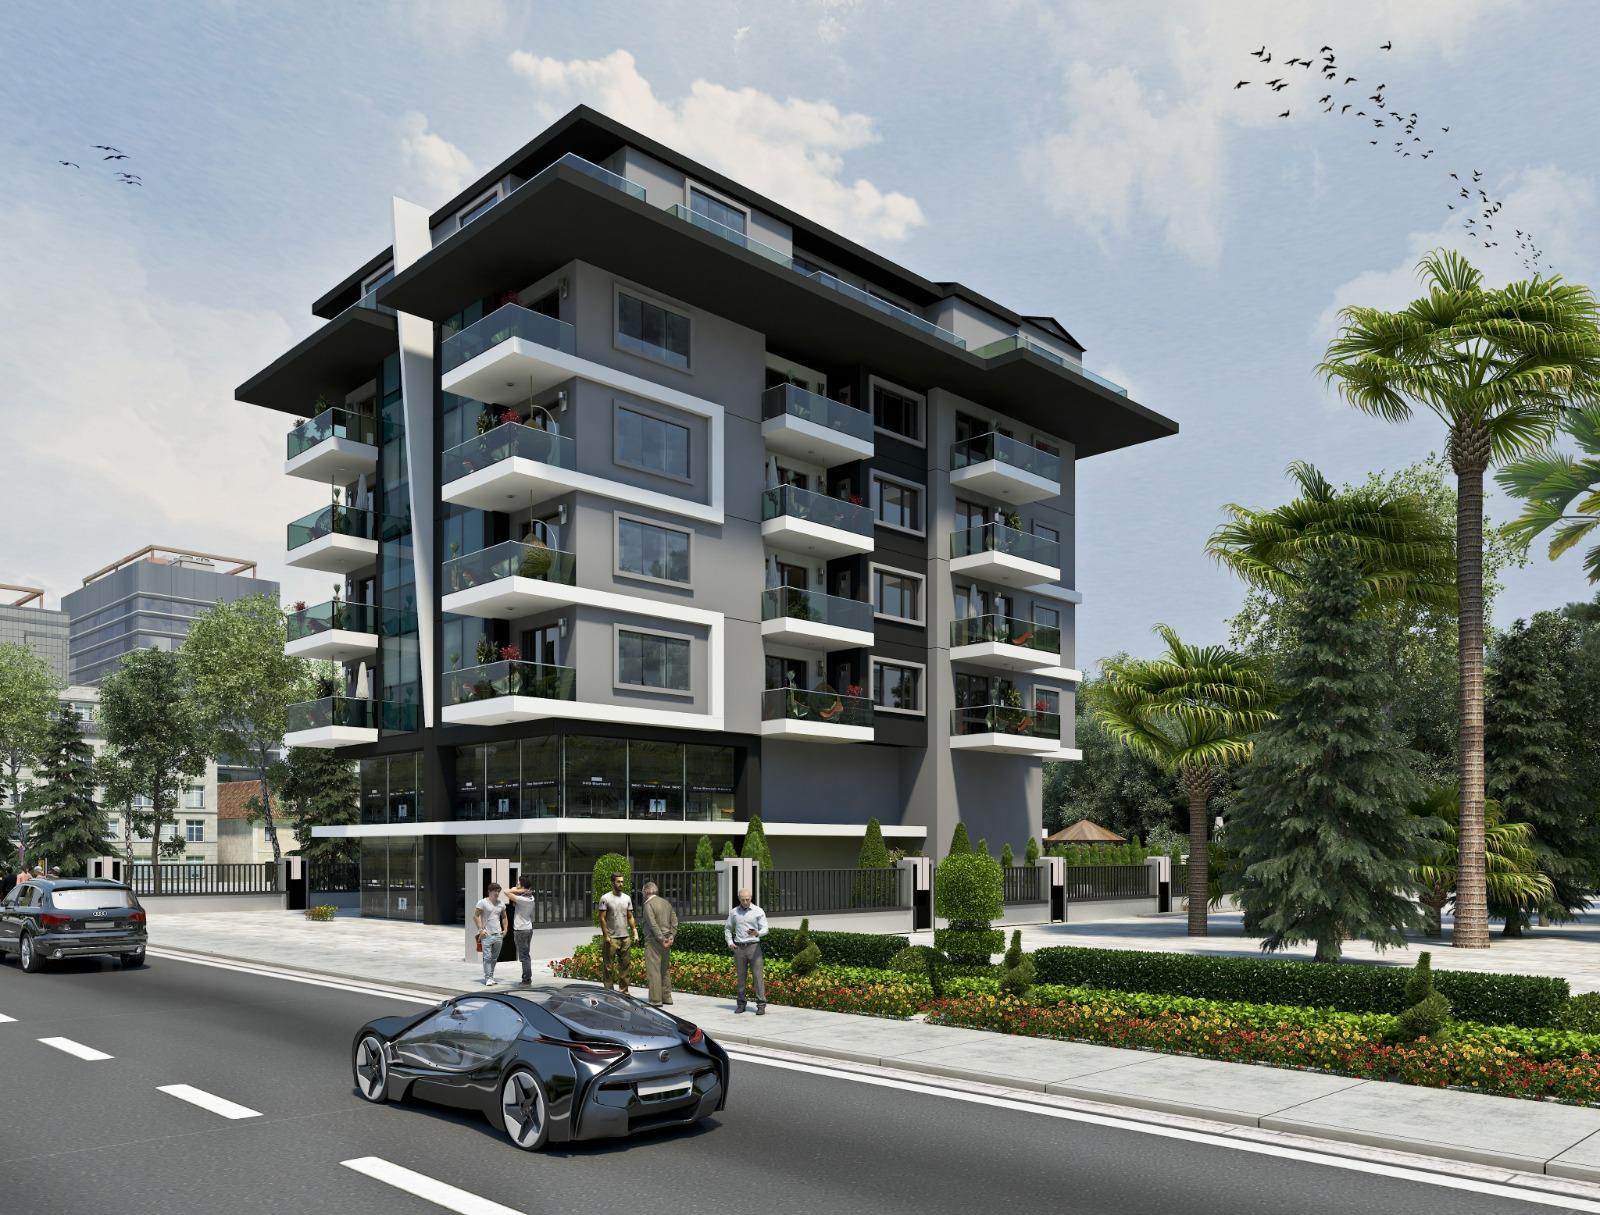 Комфортабельные квартиры в жилом комплексе на этапе строительства - Фото 1